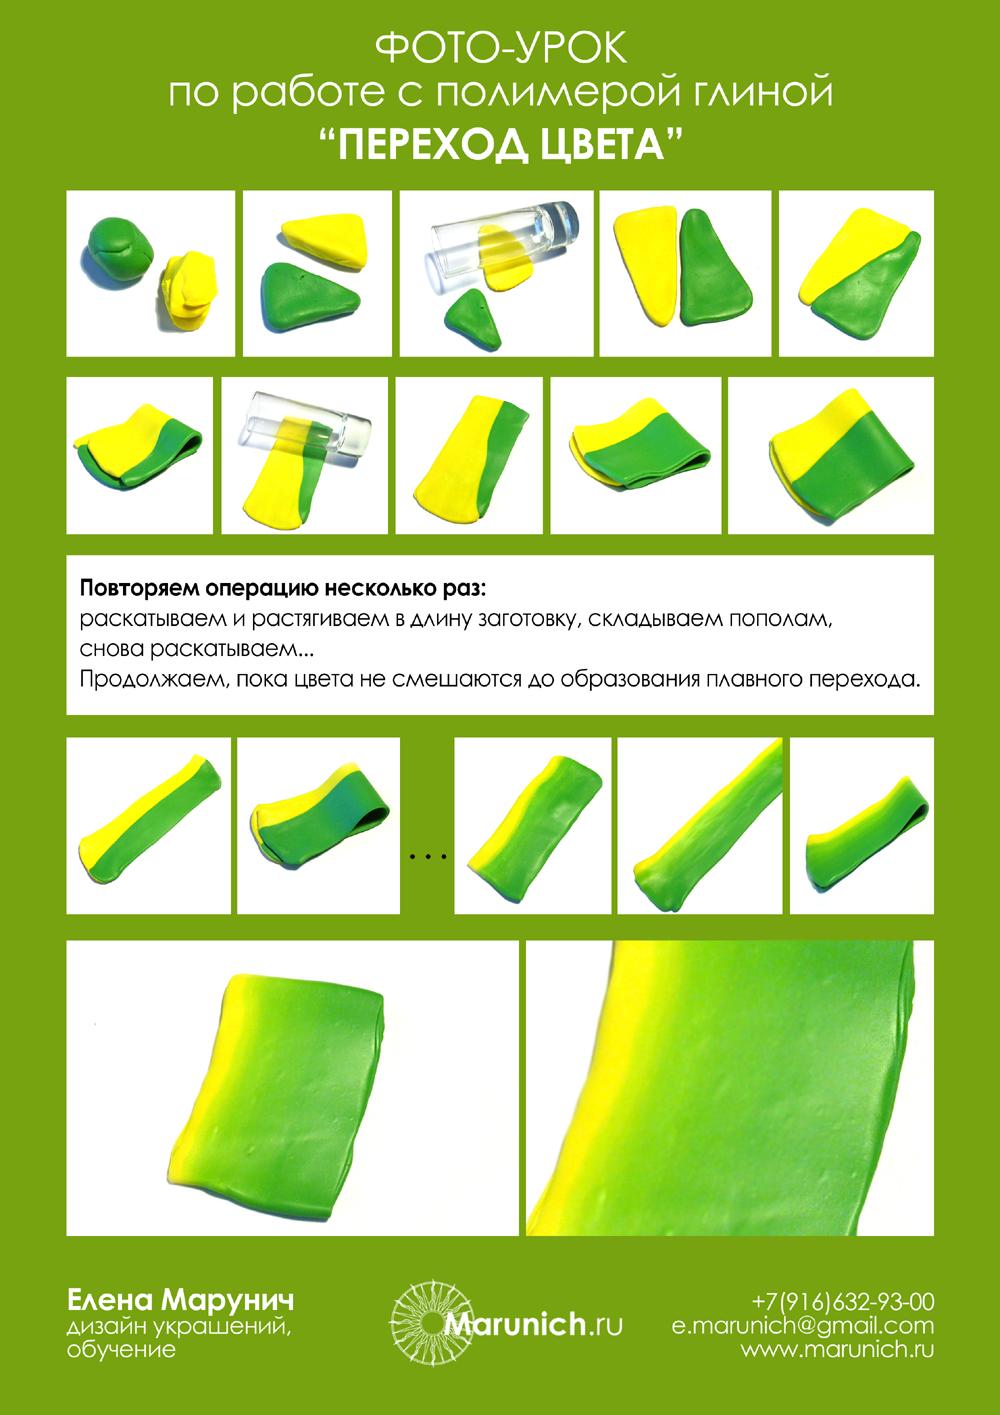 Как сделать переходы в полимерной глине